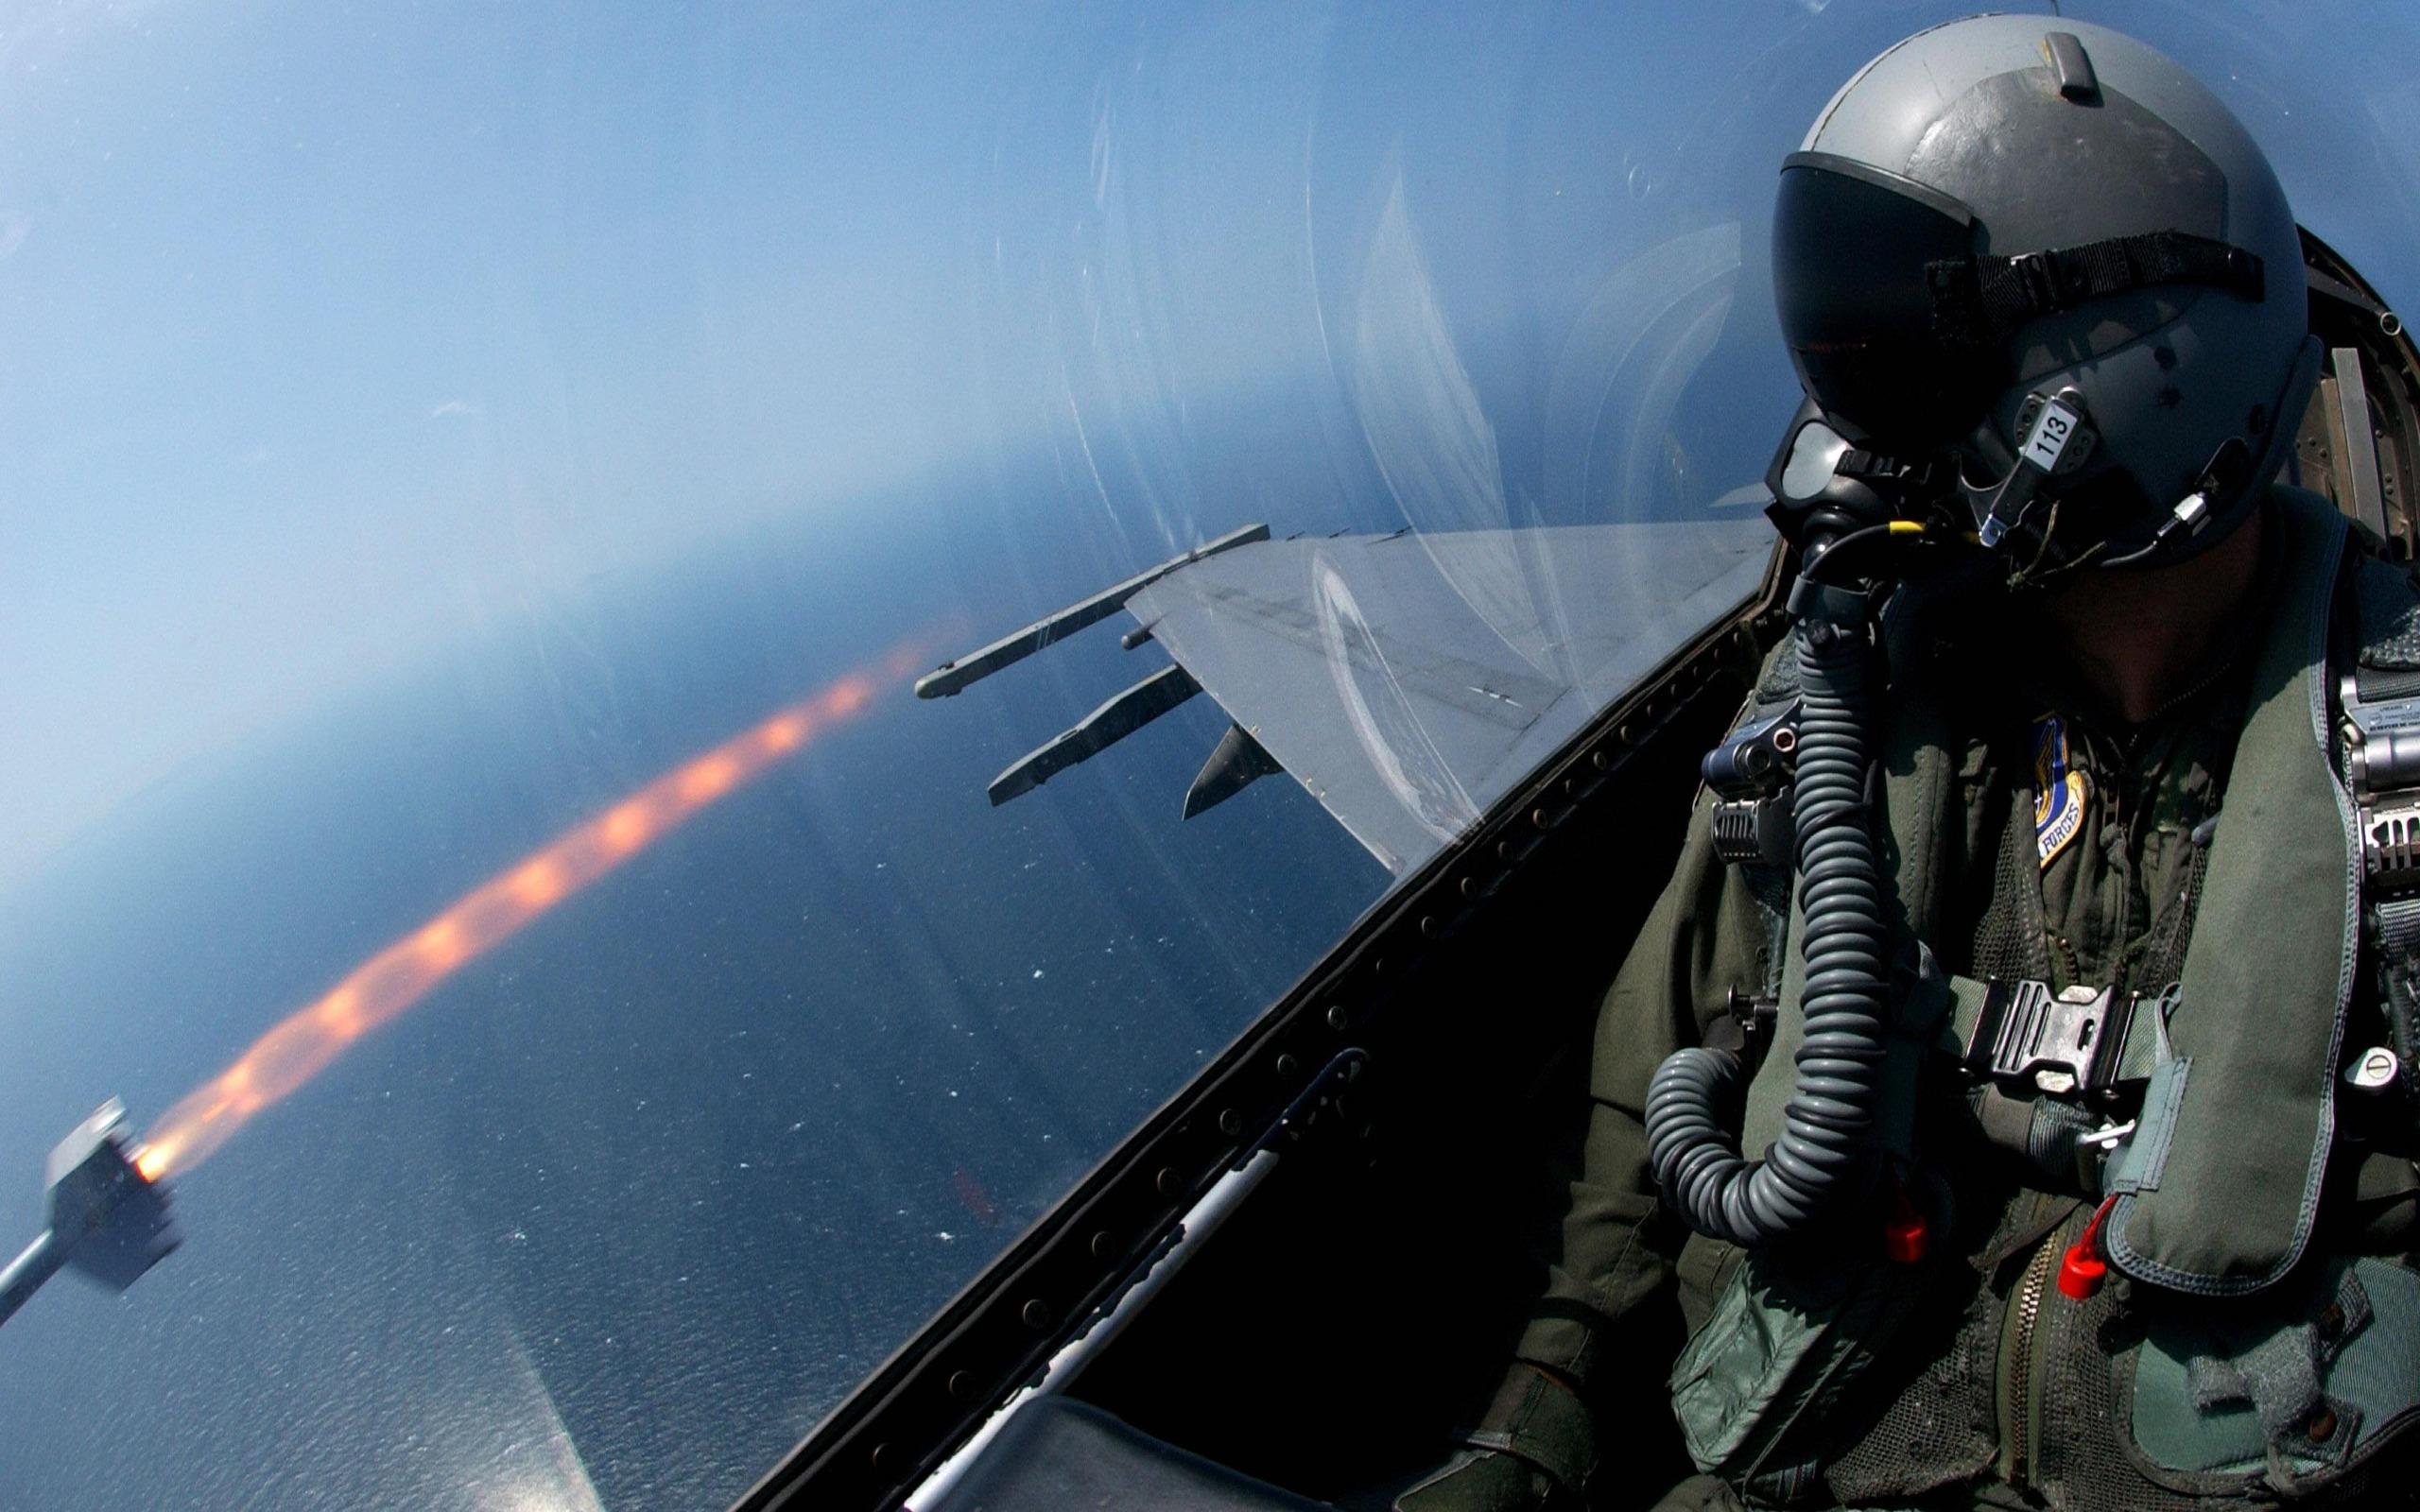 Jets Pilot Images - Jets Pilot Images